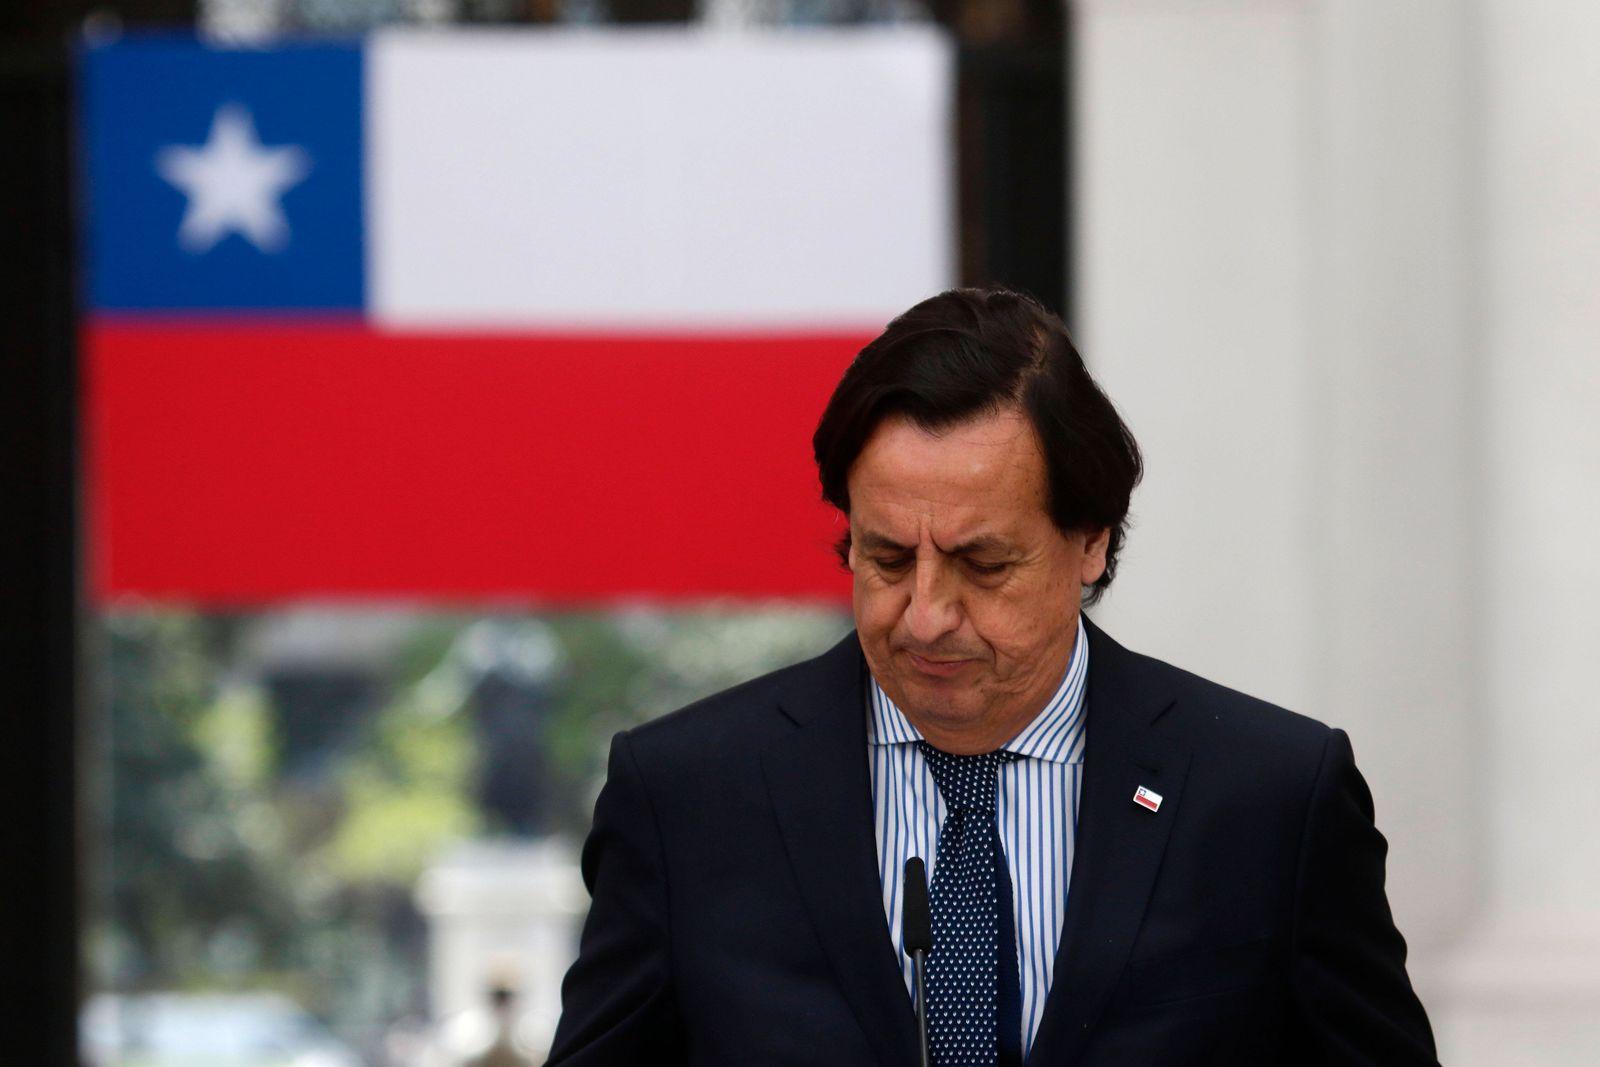 Santiago 26 octubre 2020 El ministro del interior Victor Perez junto al ministro secretario general de la Presidencia, C